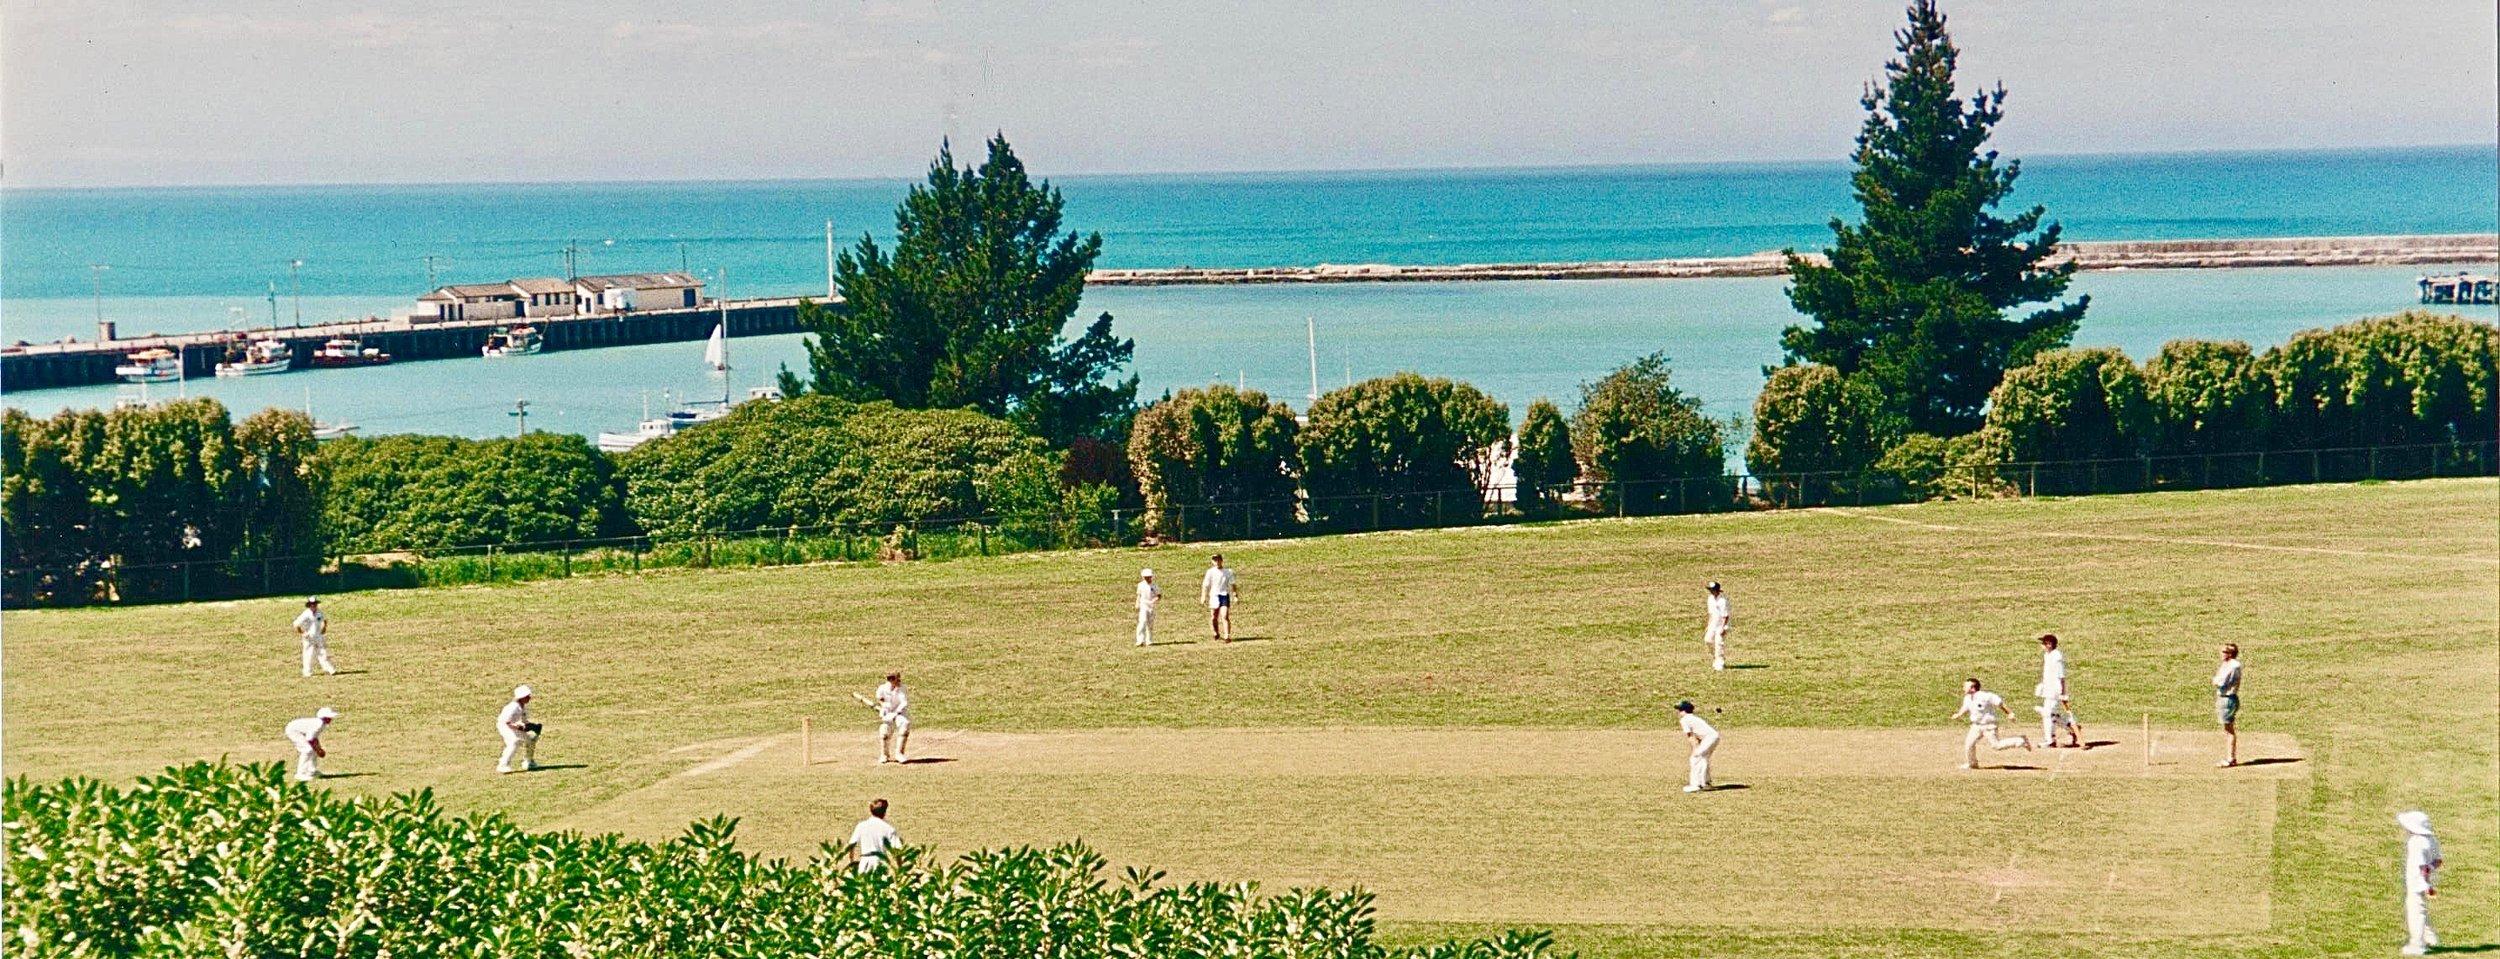 AU cricket 2.jpg